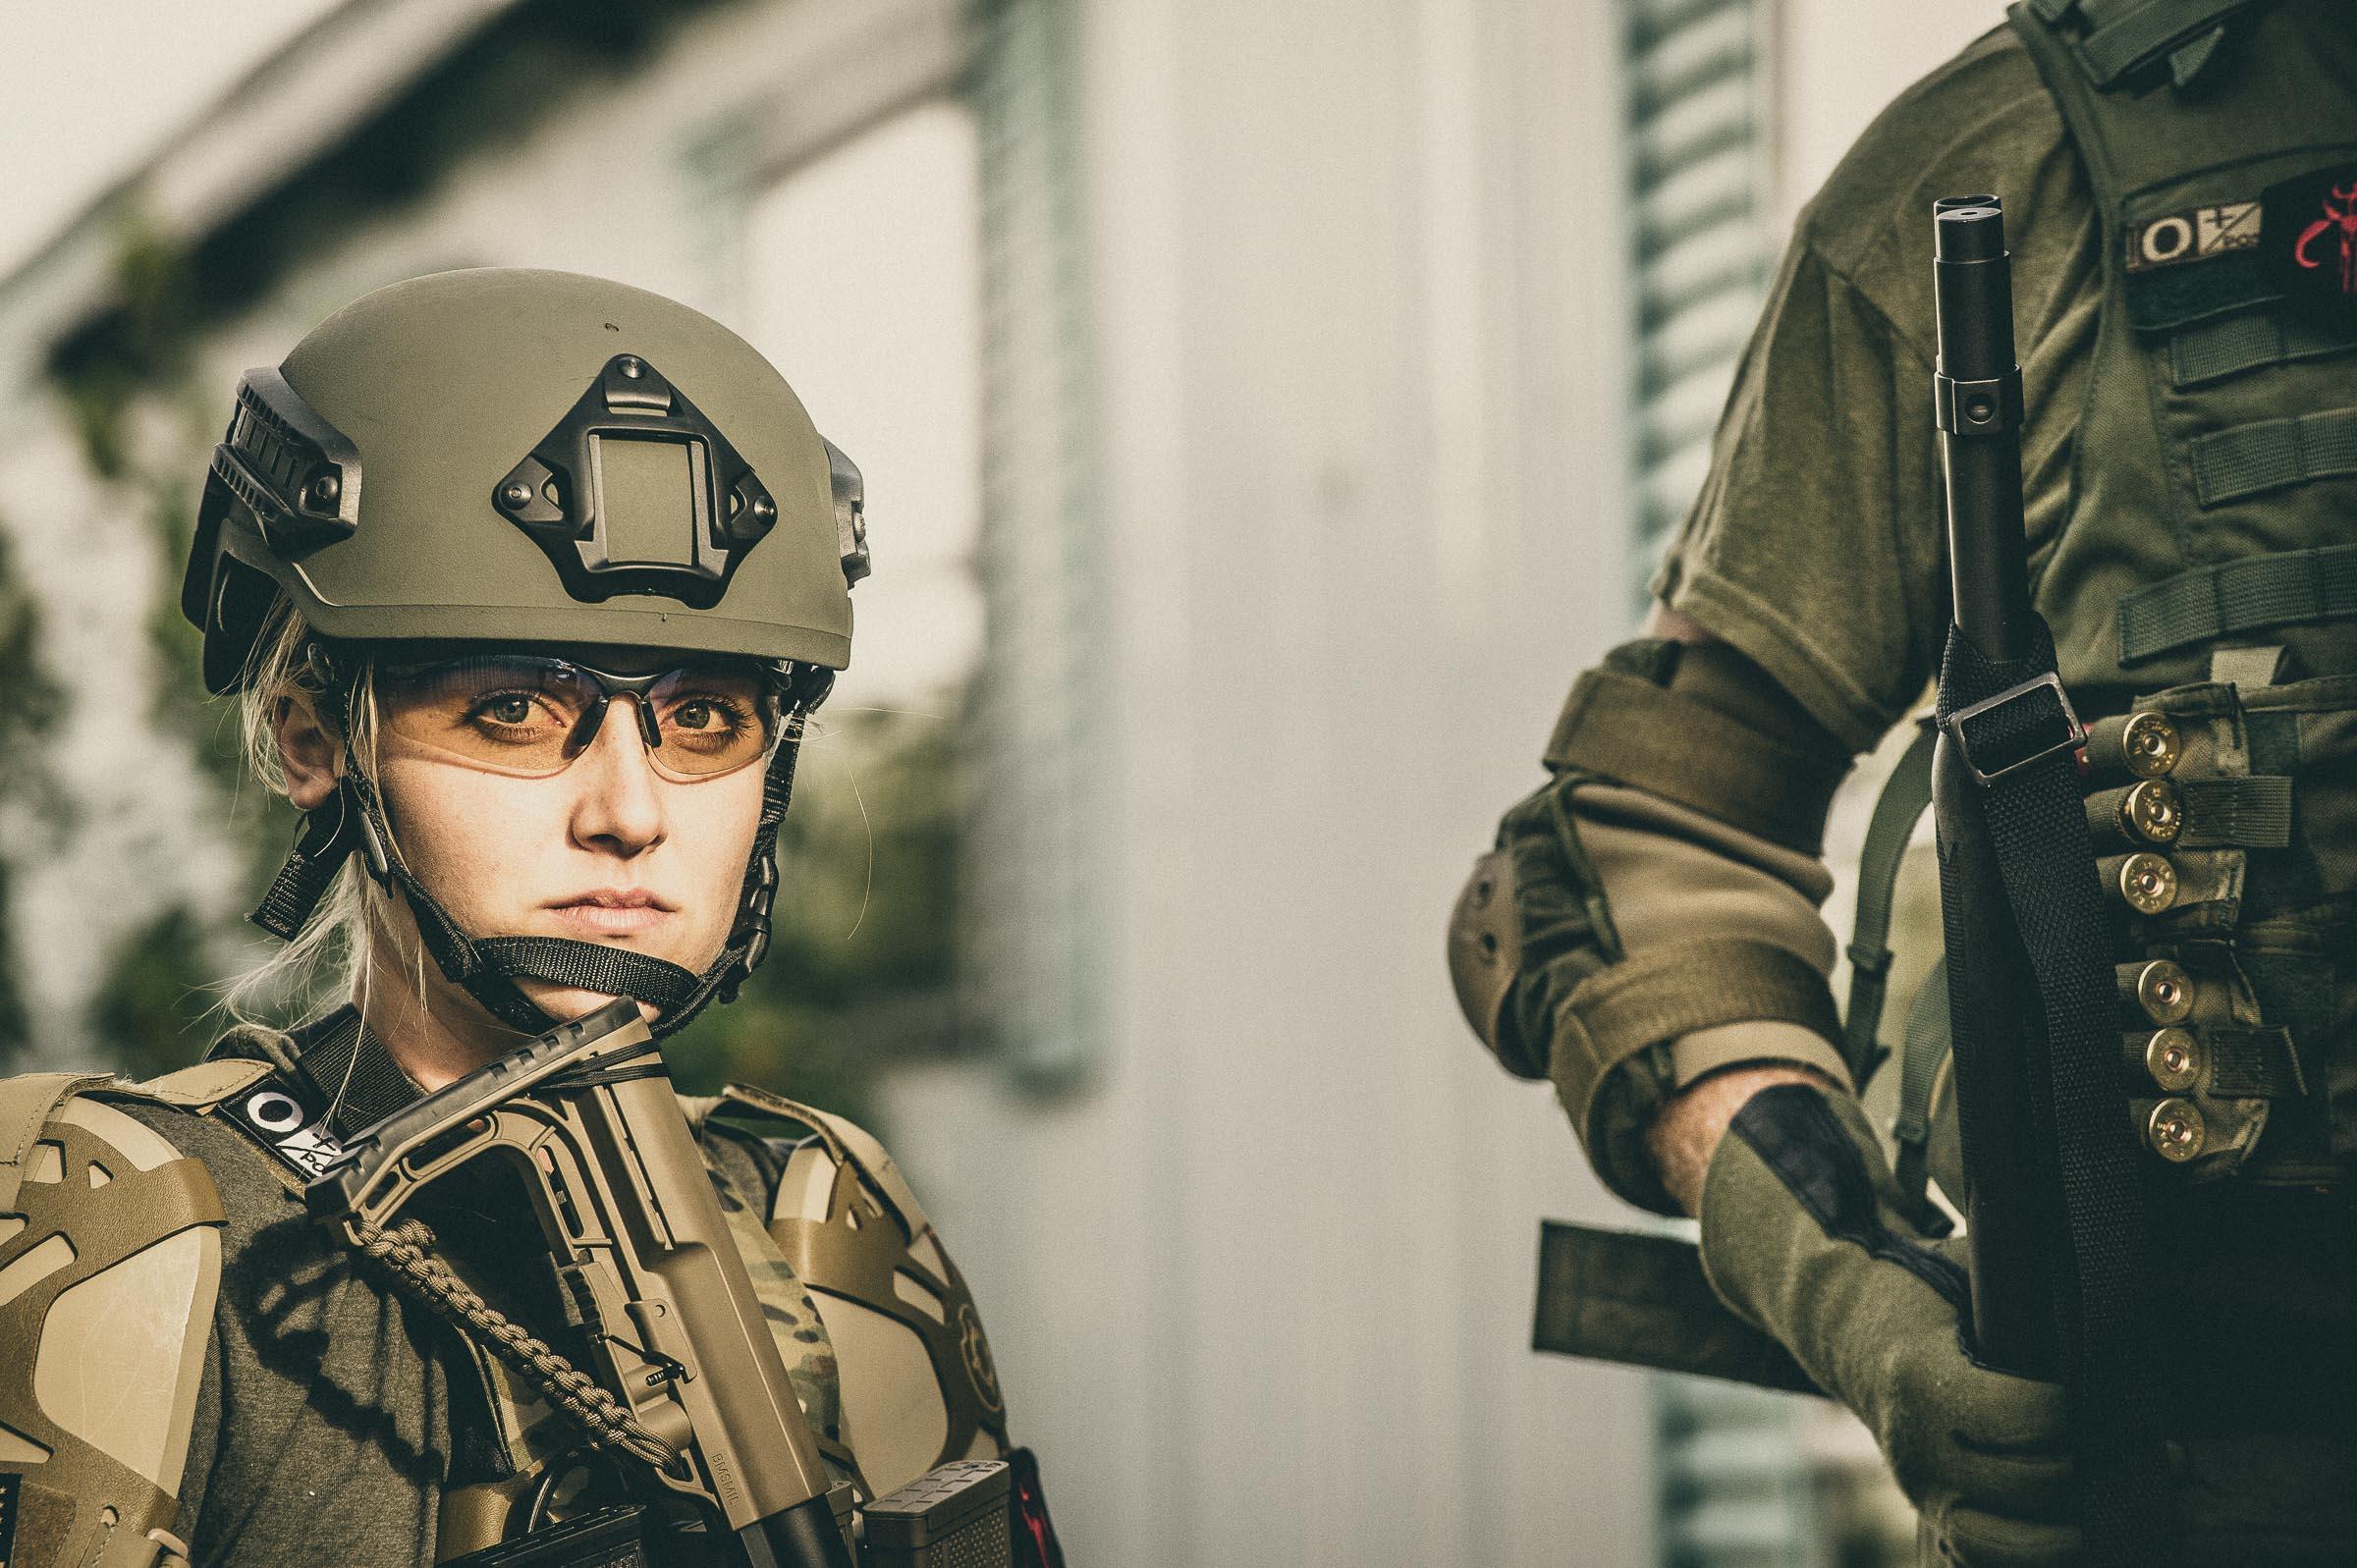 Woman swat team member preping for drug raid training. © Tony Bynum